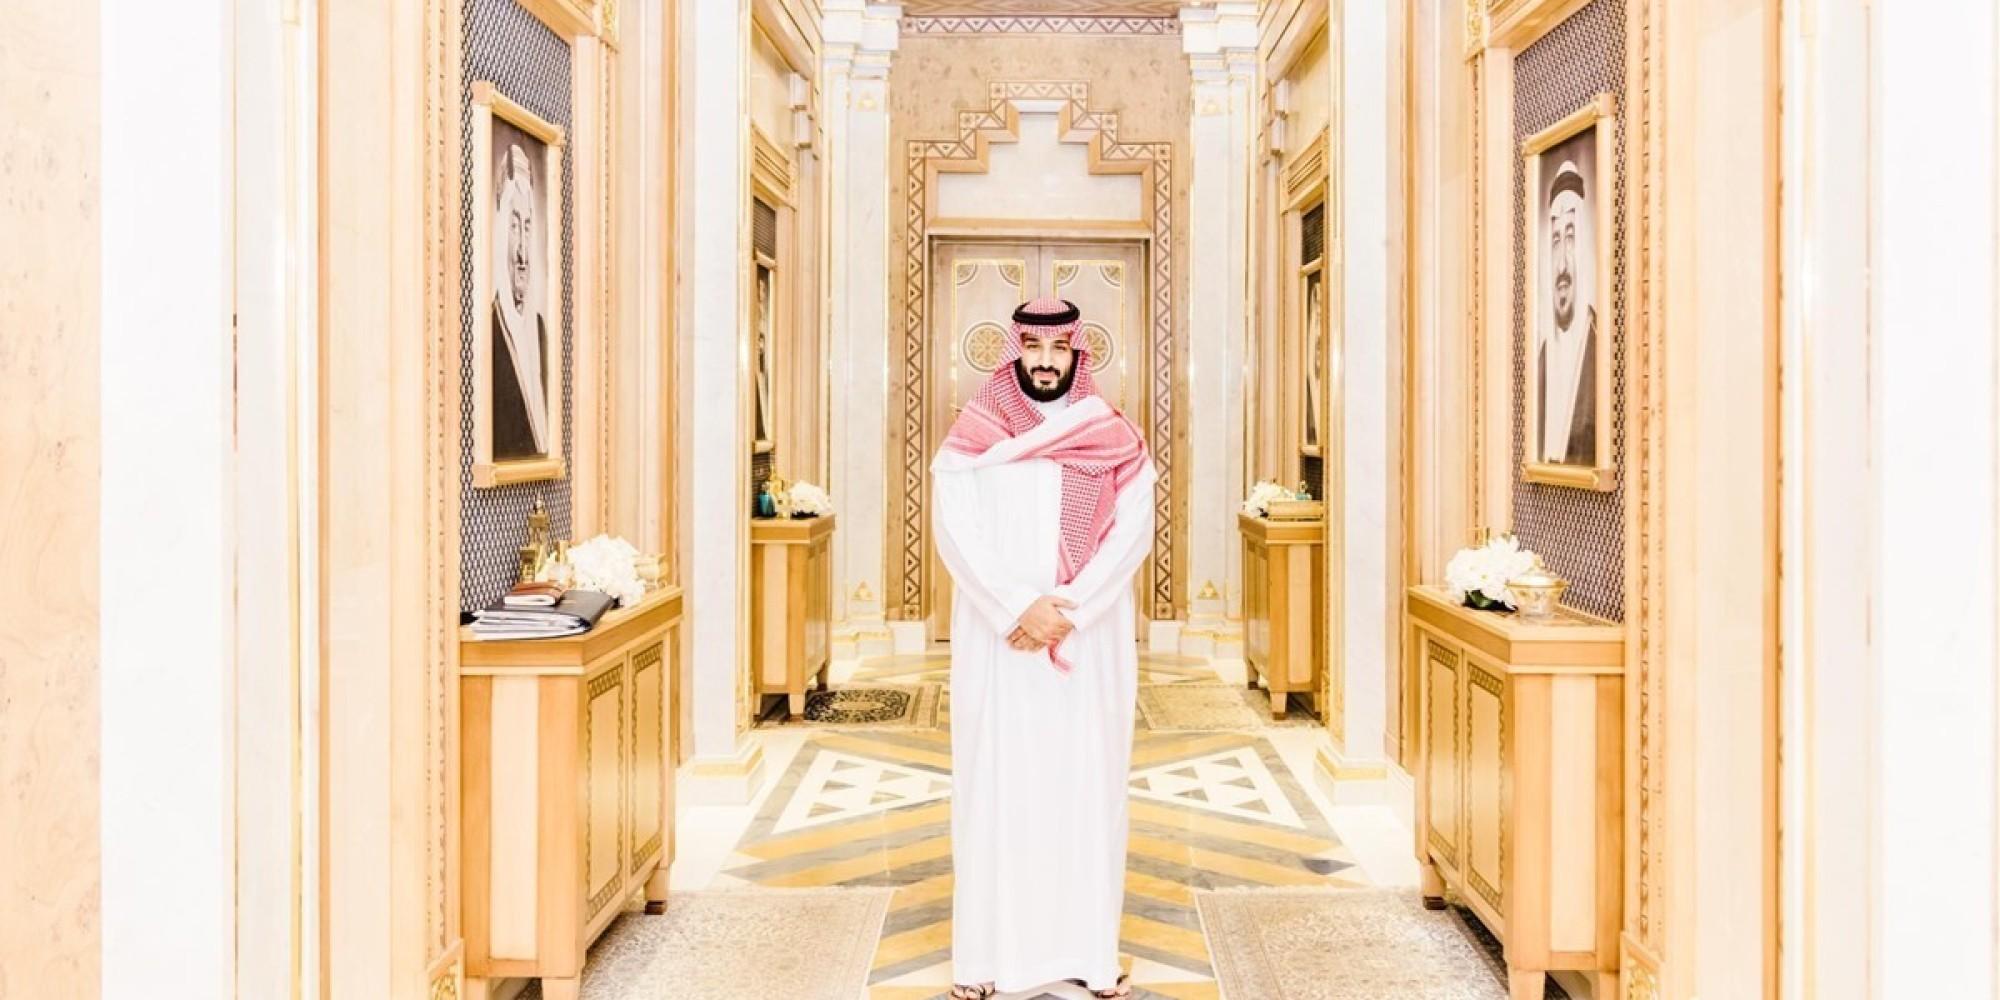 الأسرع ترقِّياً في هرم السلطة بالمملكة.. رحلة بن سلمان لمنصب ولاية العهد في السعودية